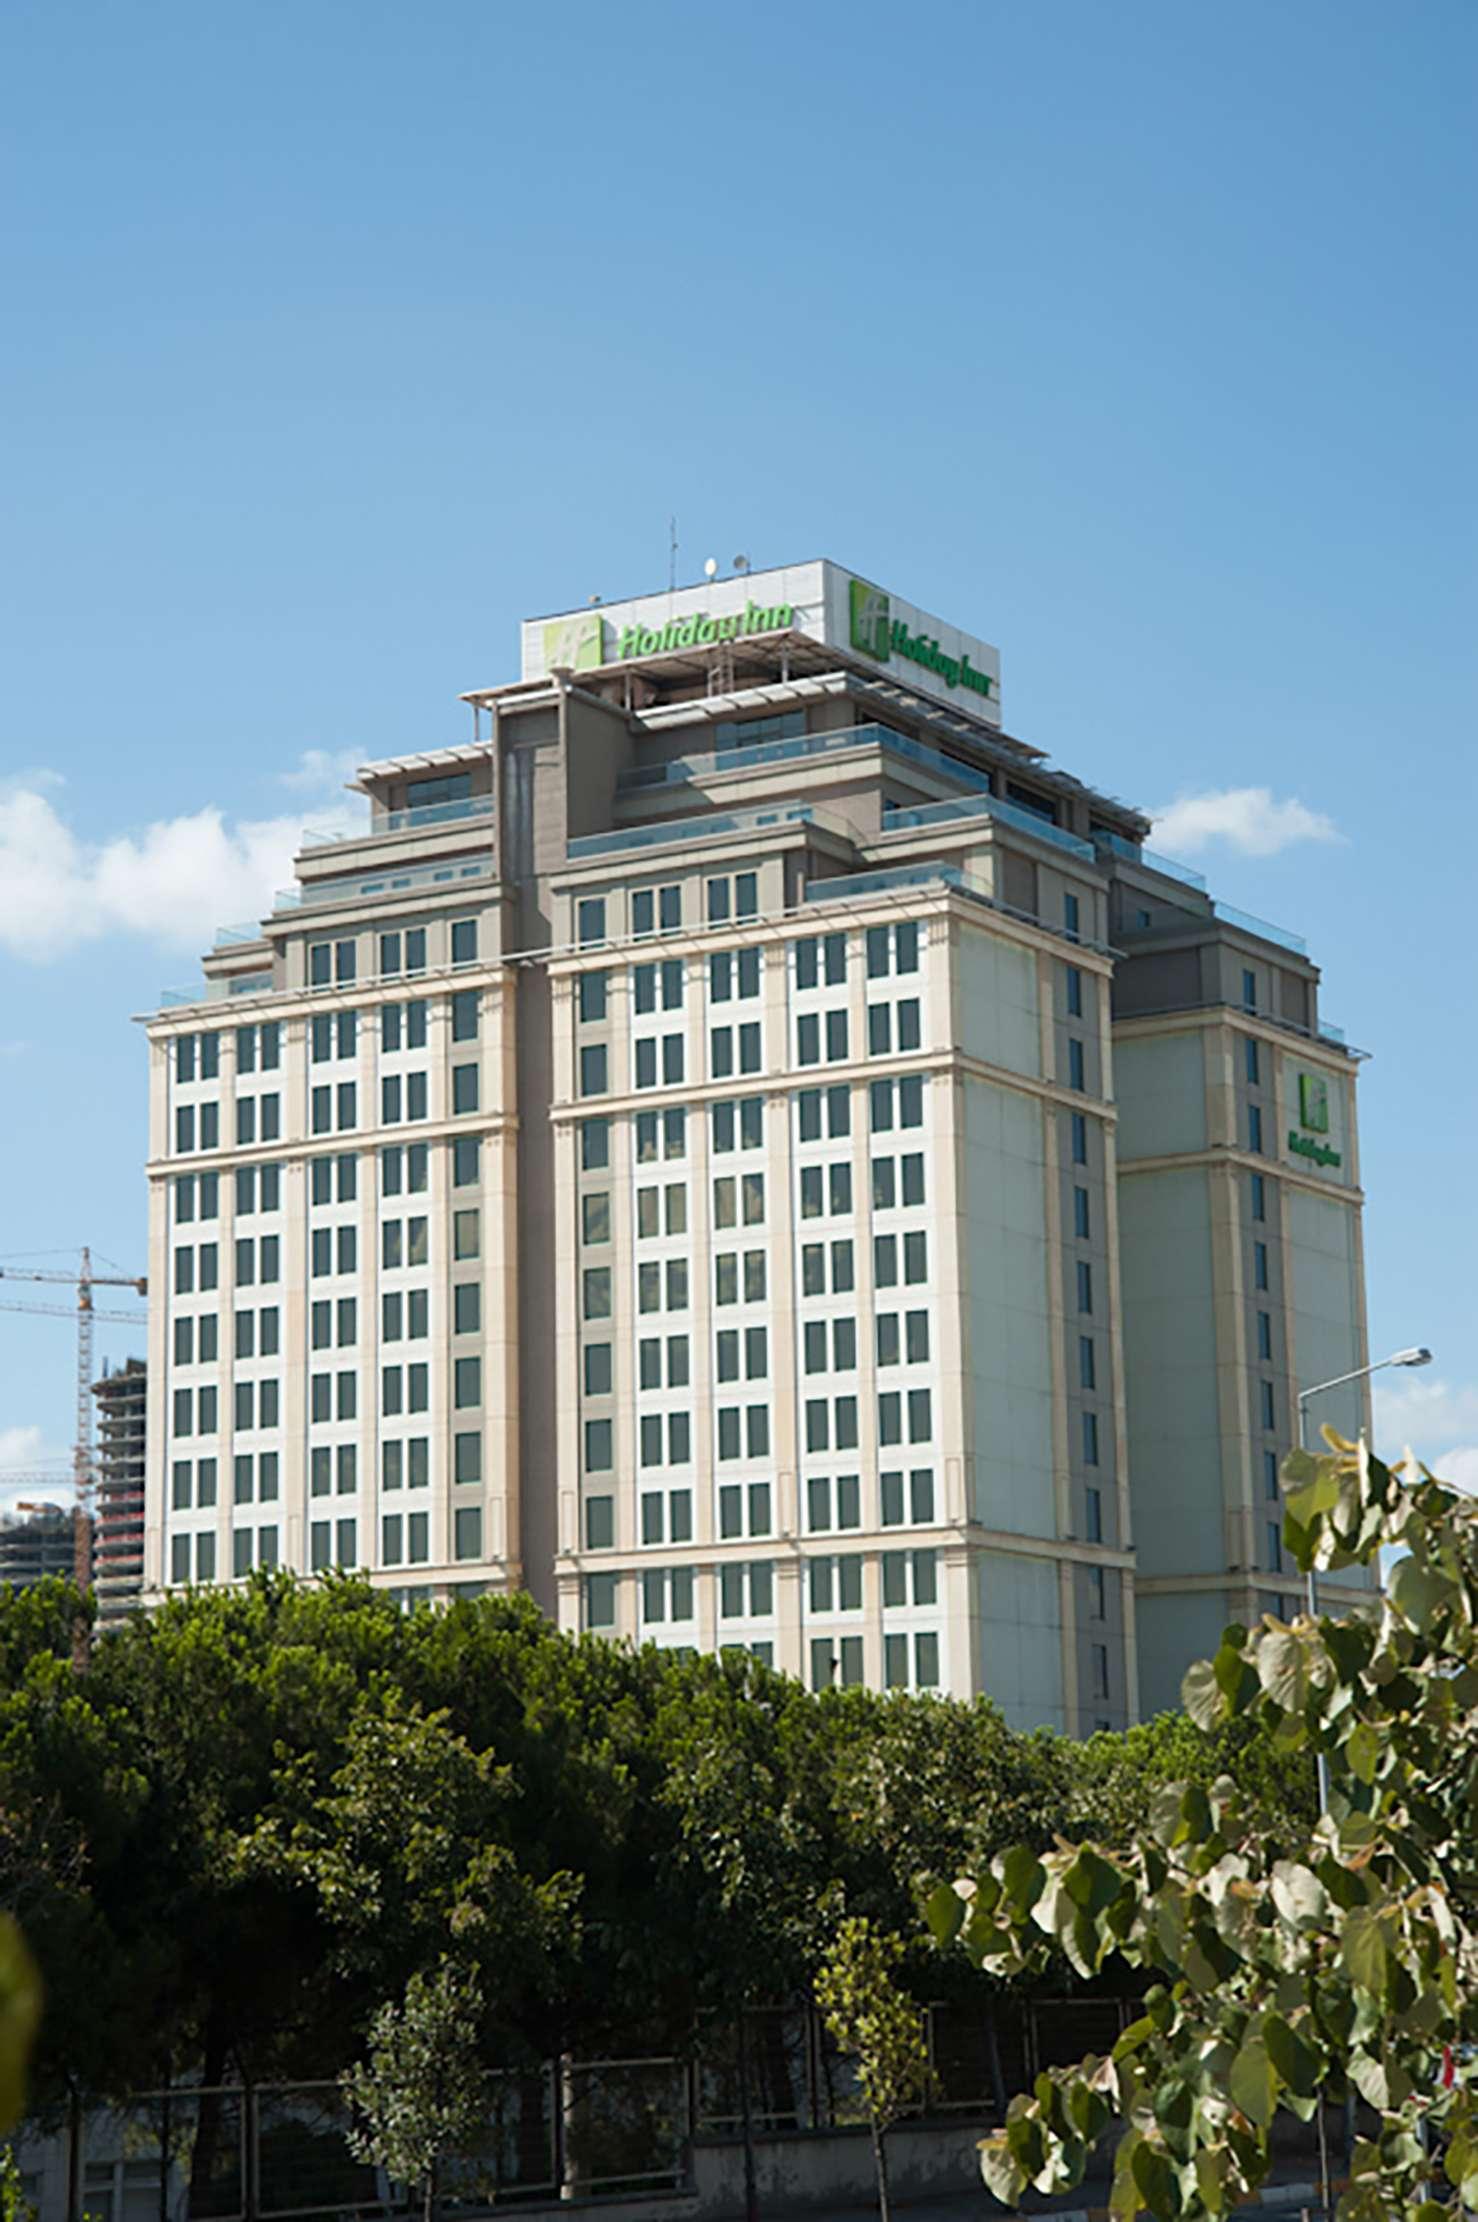 Fibrobeton Holiday Inn Hotel, Mahmutbey